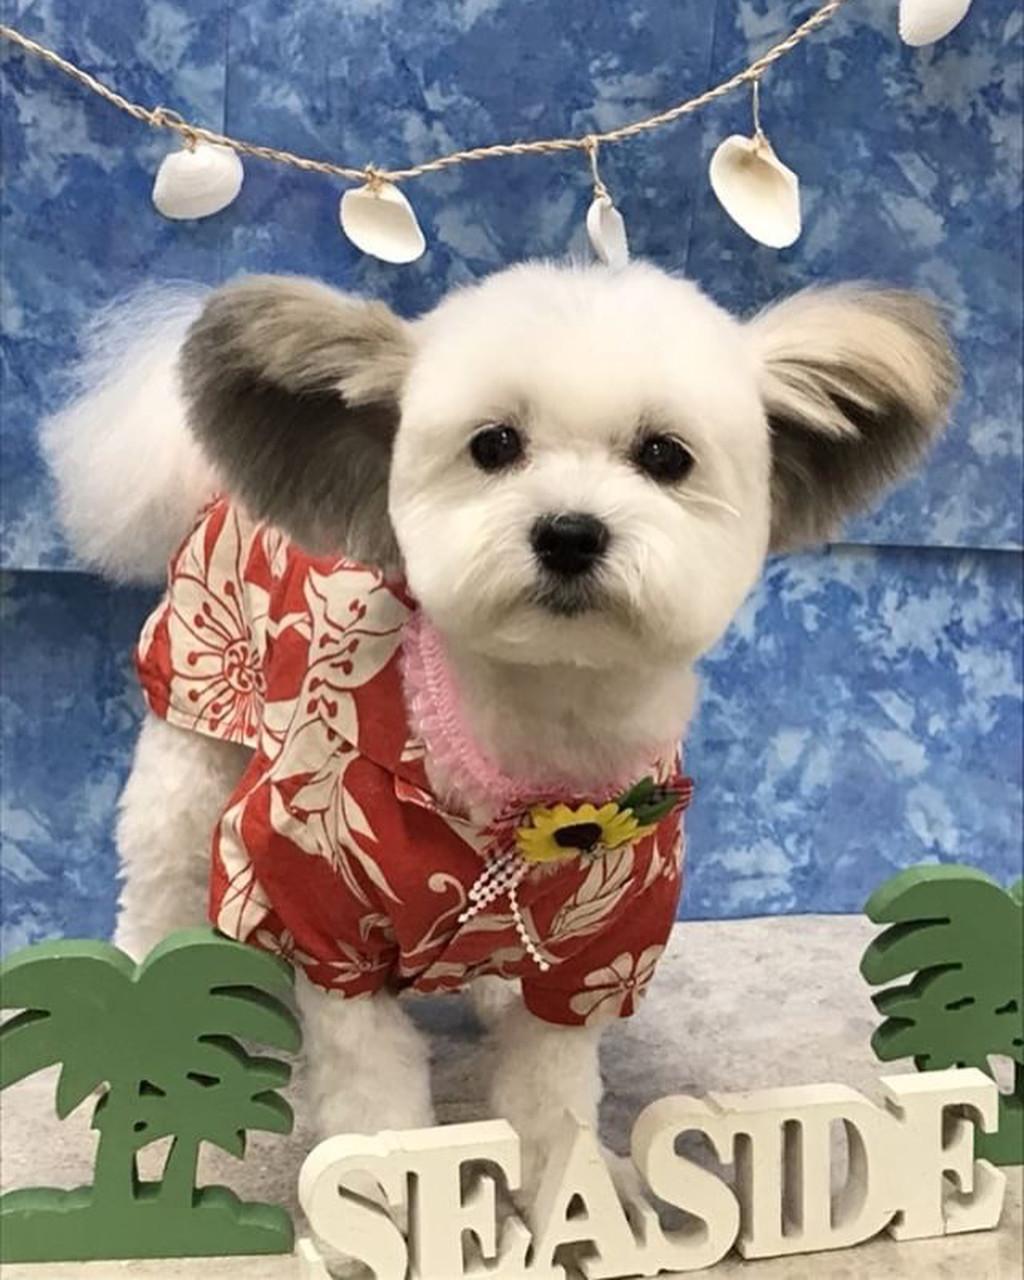 小白犬擁有「米奇大圓耳」 肚子餓就會使用超萌搧耳絕技:可愛度誰能贏我❤